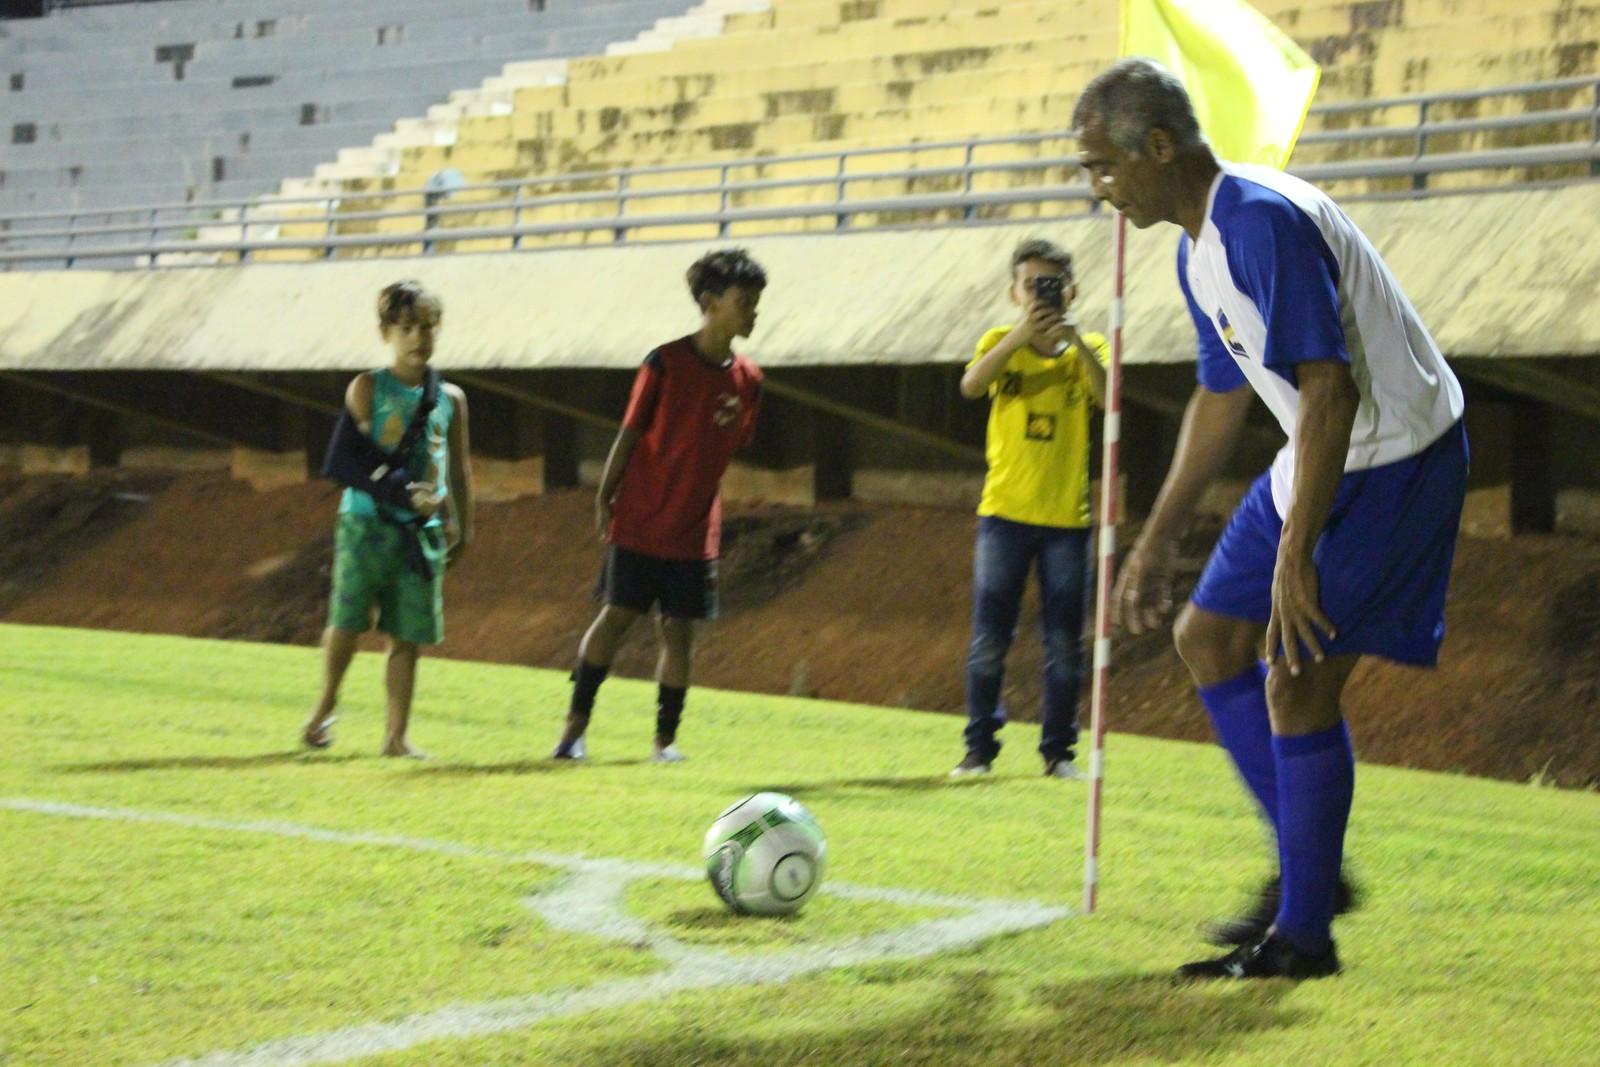 Romário faz quatro gols na 4ª edição do Futebol Solidário; evento beneficente atraiu multidão em Palmas